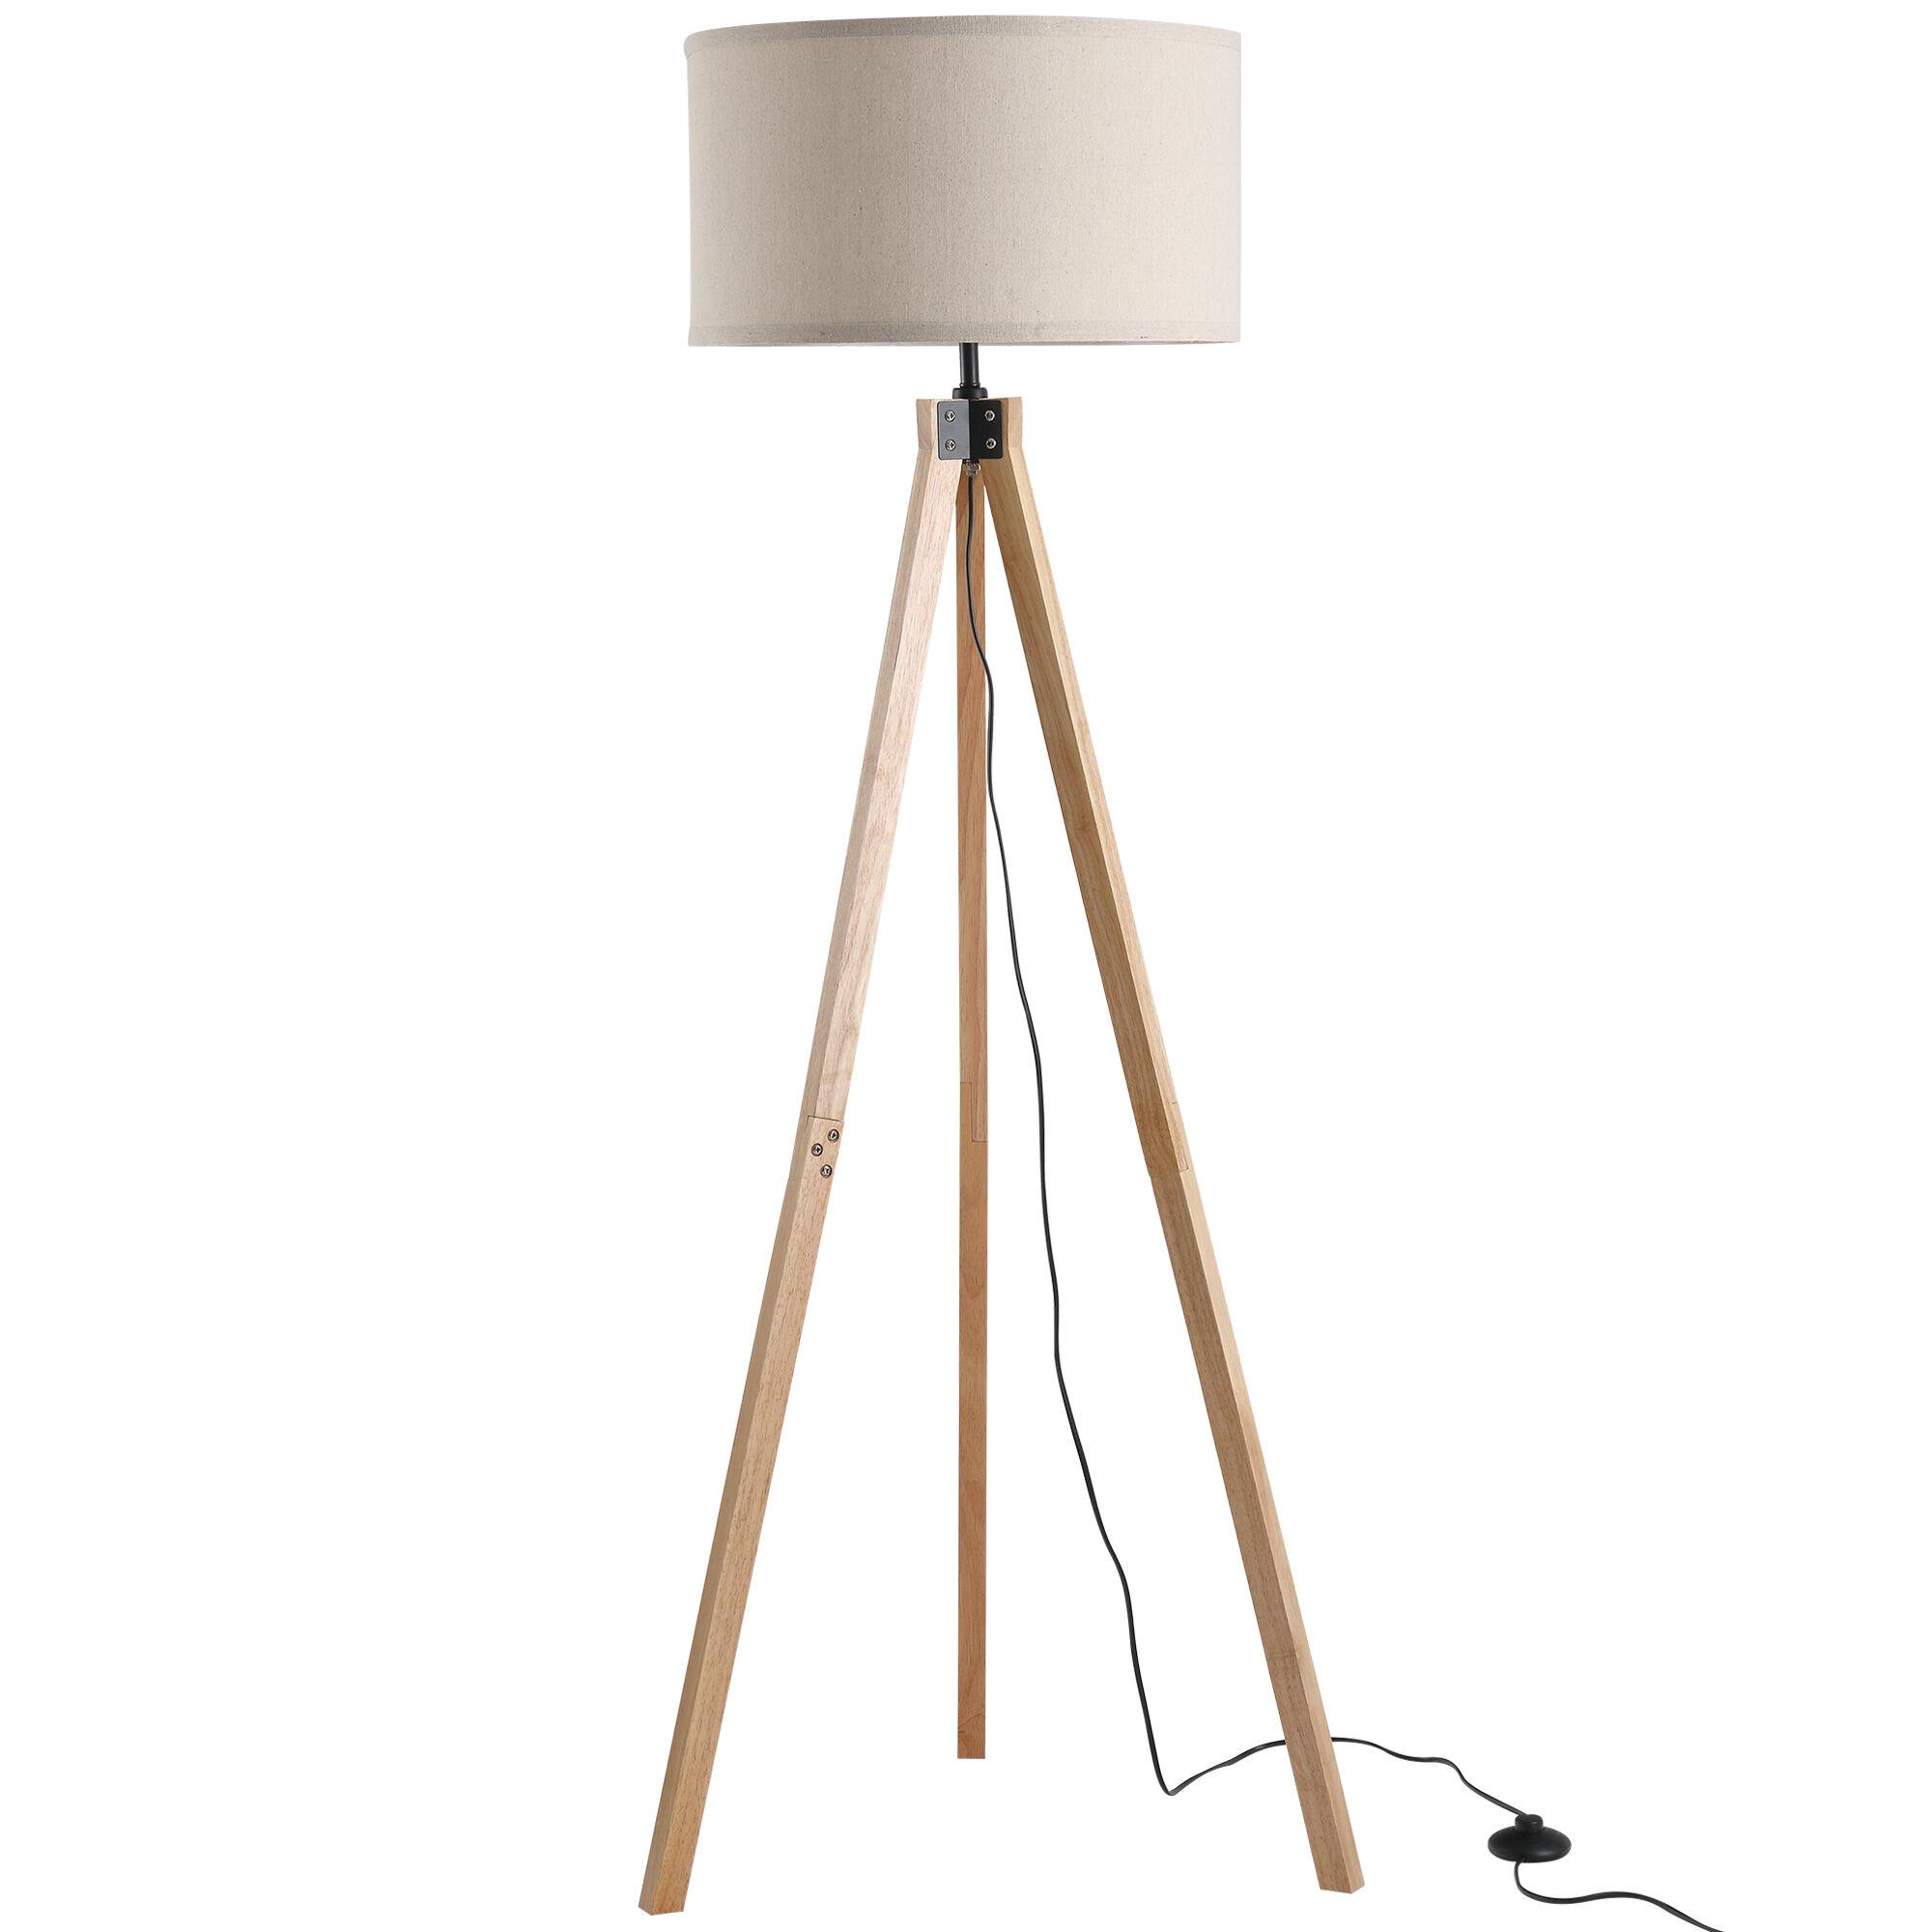 Homcom Lampadaire trépied style scandinave H152 cm bois de pin lin beige